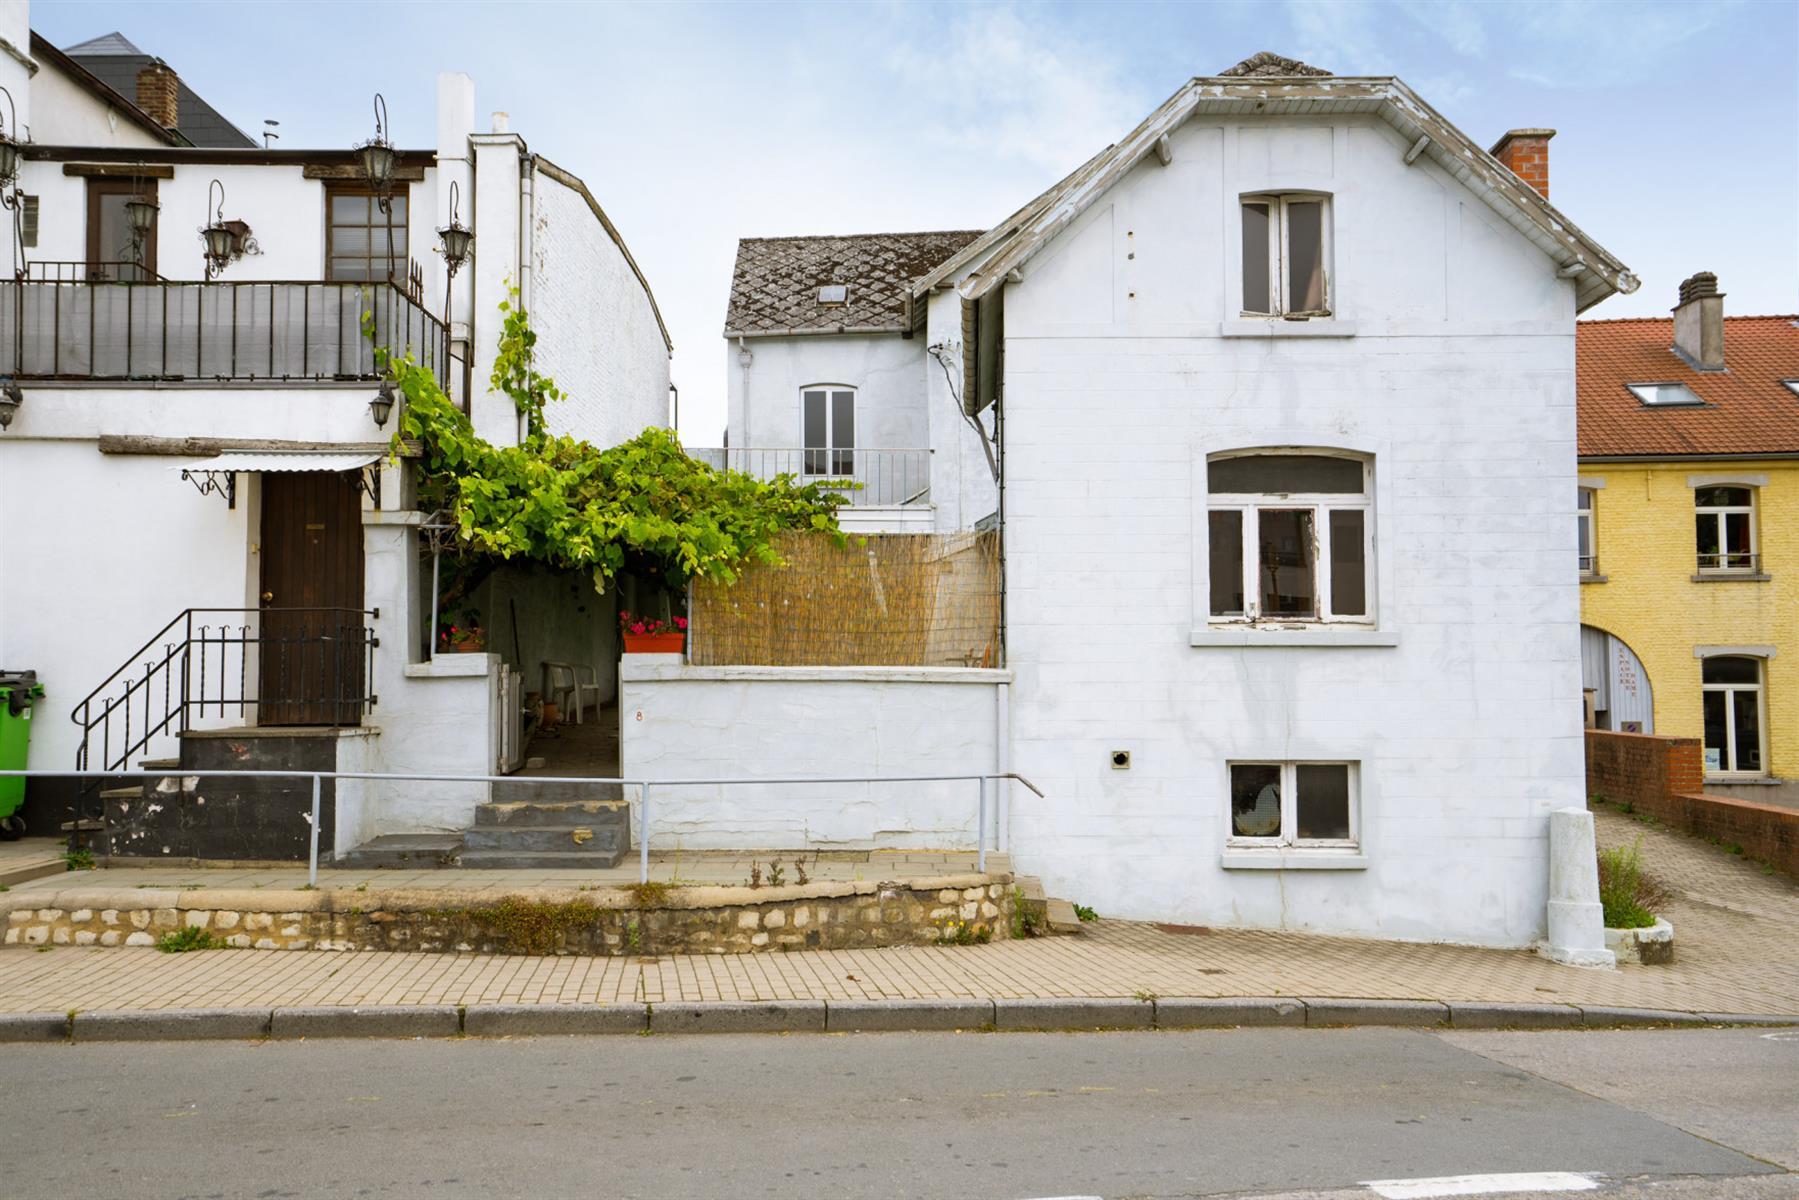 Maison - Ottignies - #4508432-3